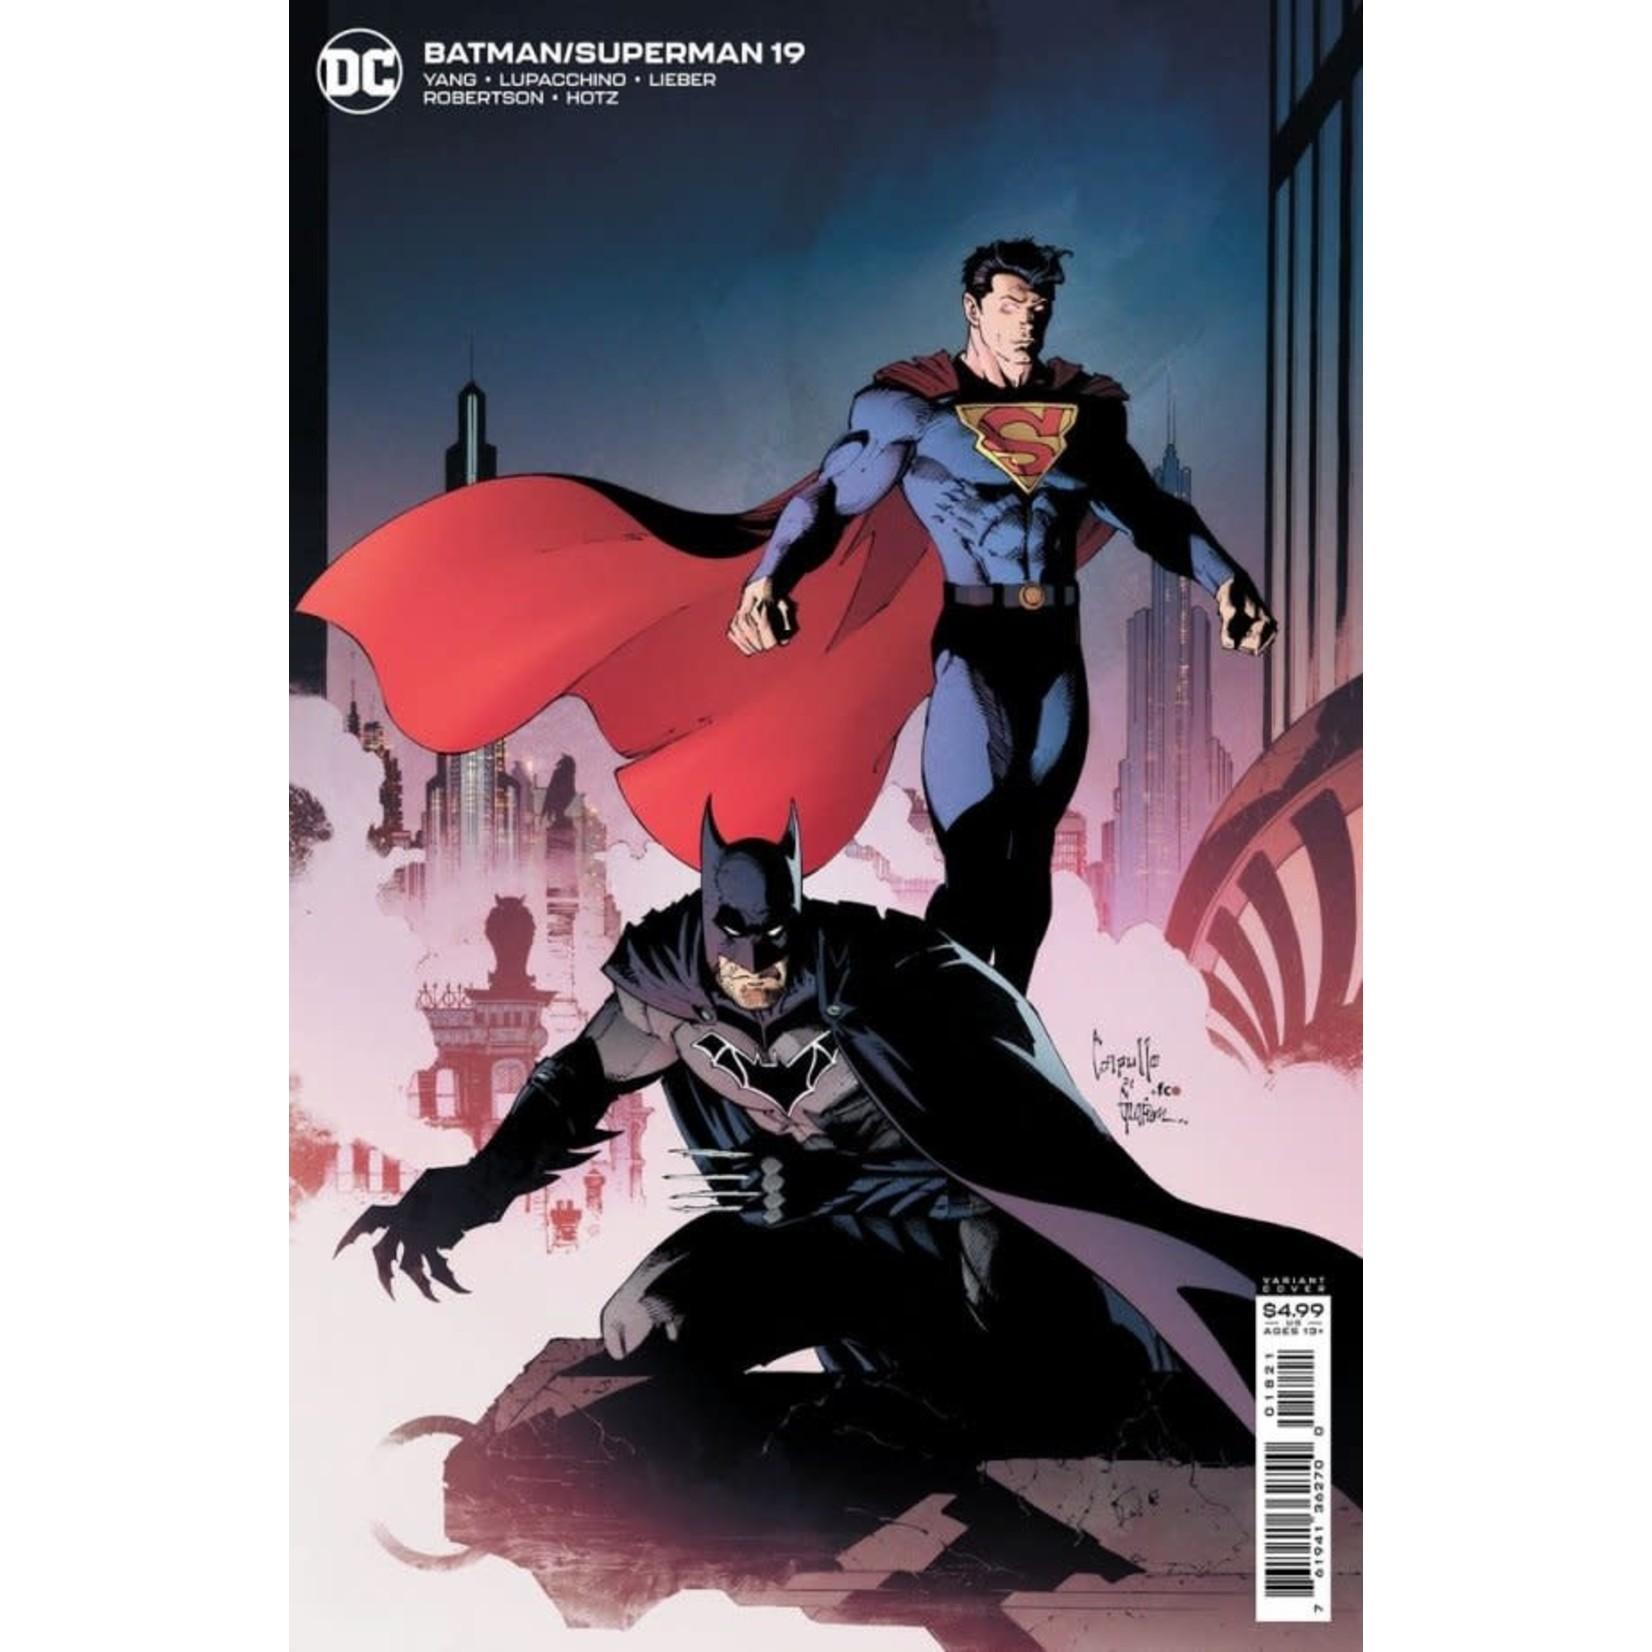 DC Comics Batman / Superman #19 Variant Cover